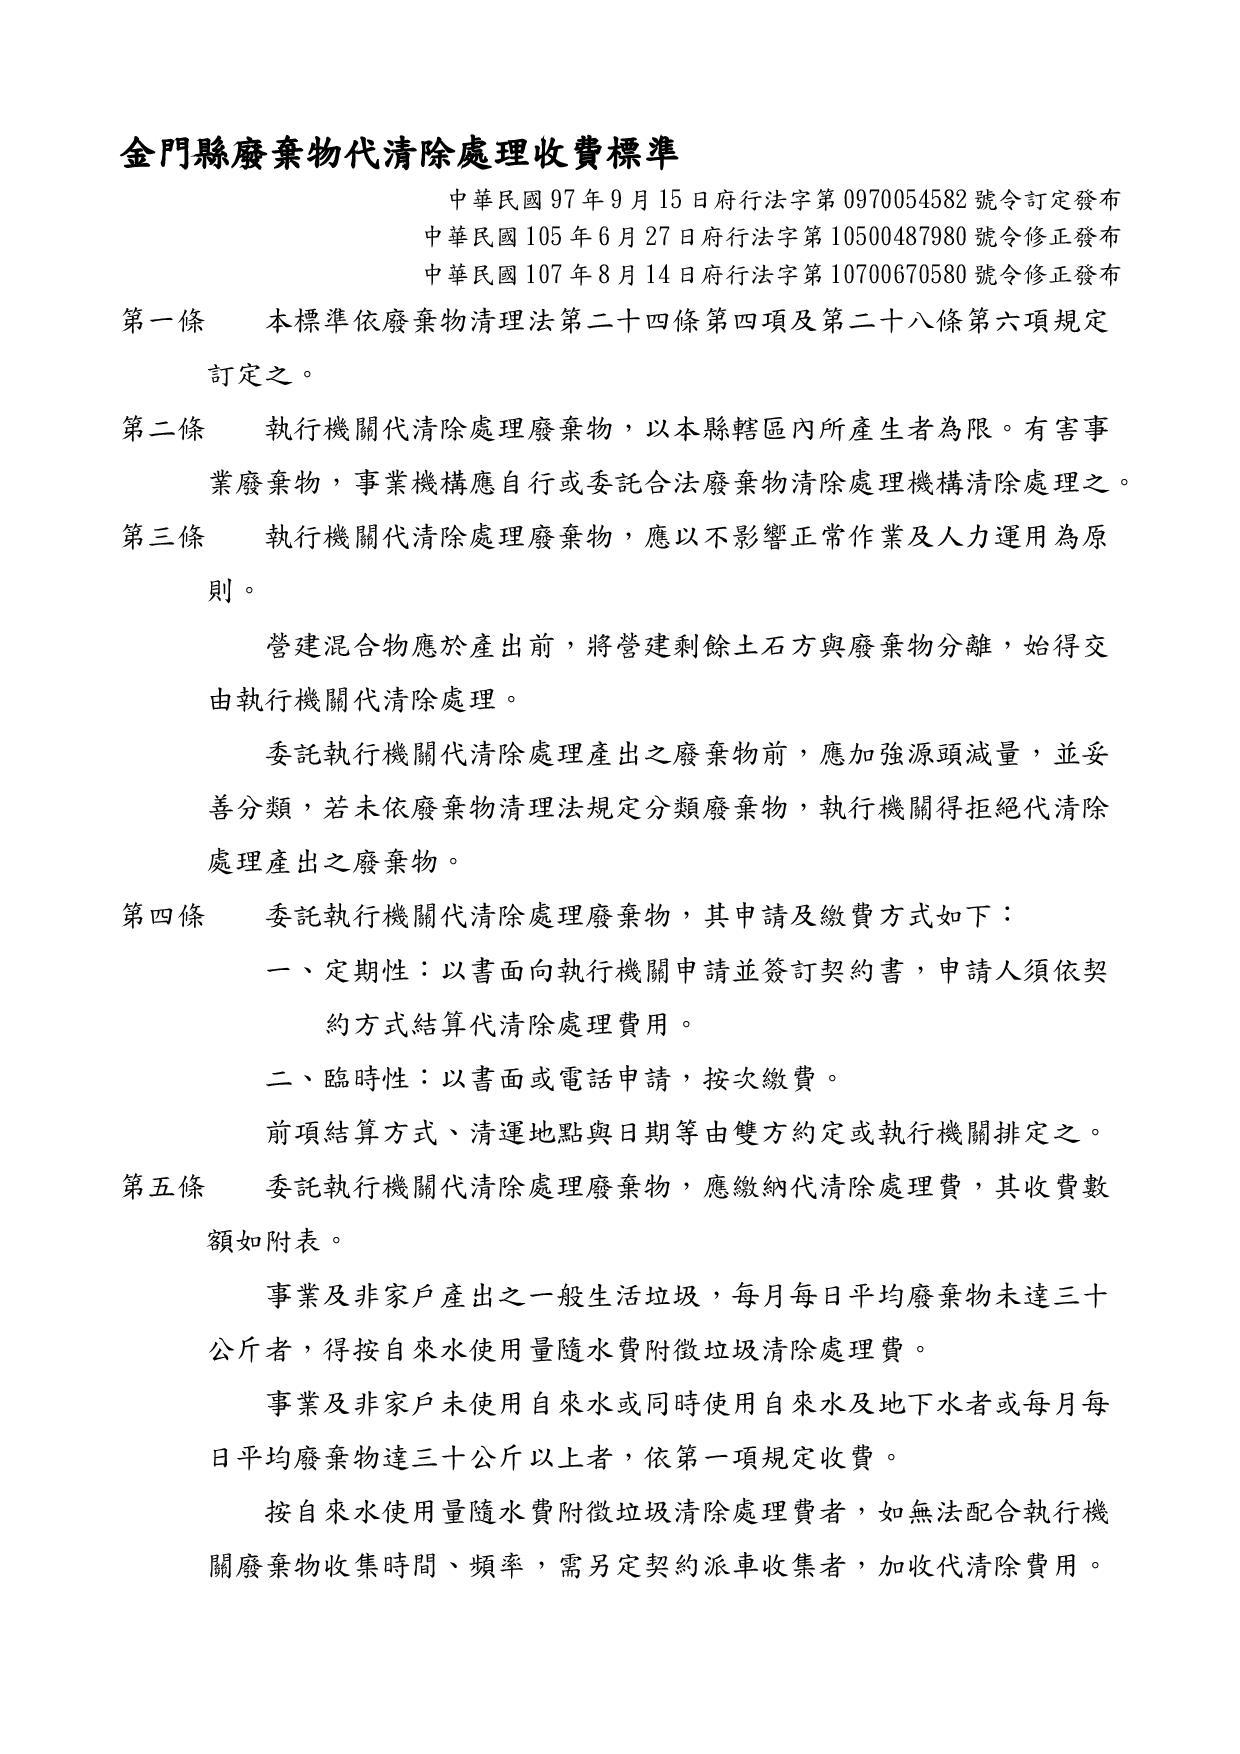 附件-金門縣廢棄物代清除處理收費標準(1070814發布)